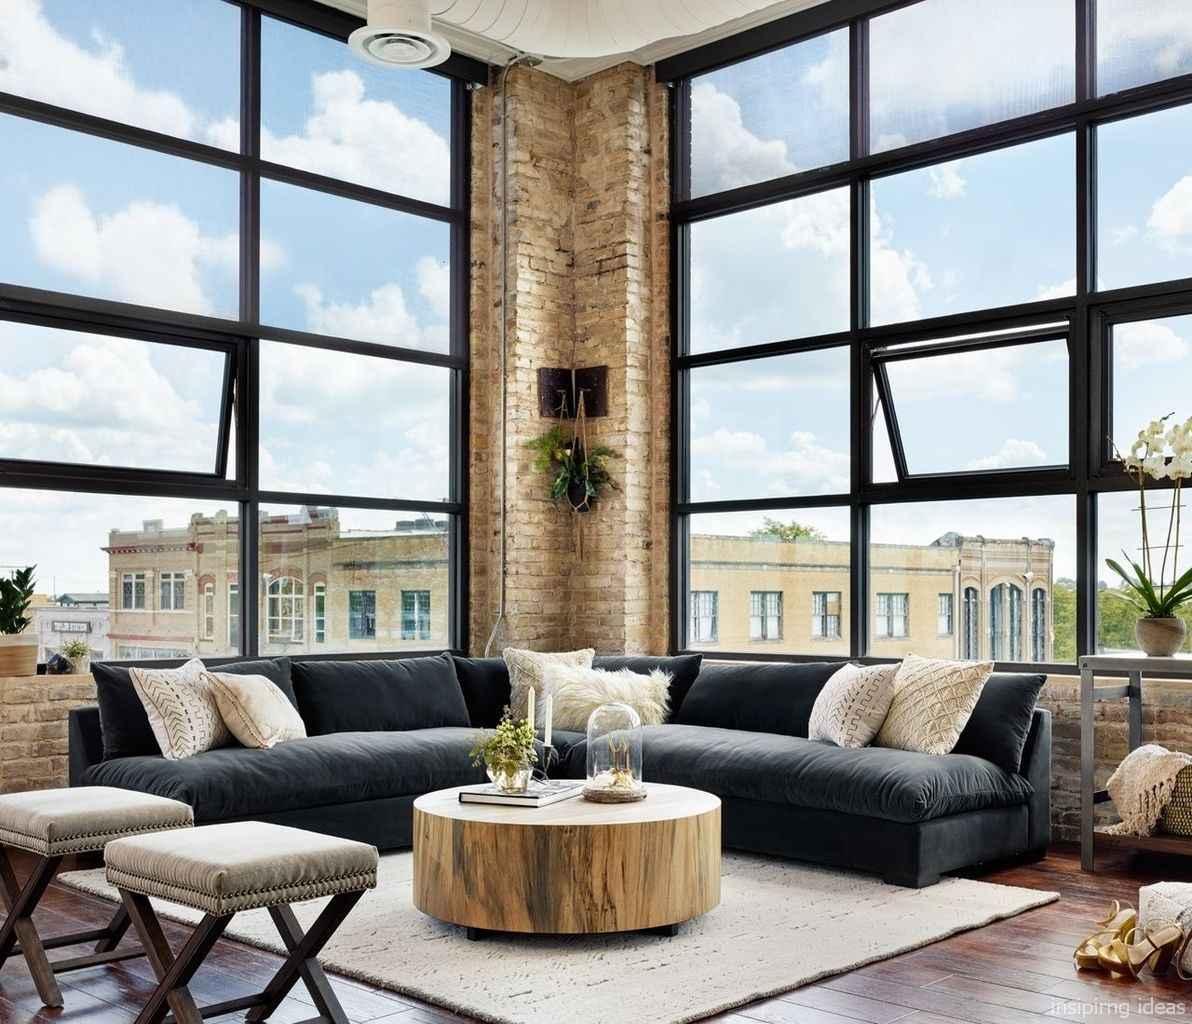 04 Chic Apartment Decorating Ideas